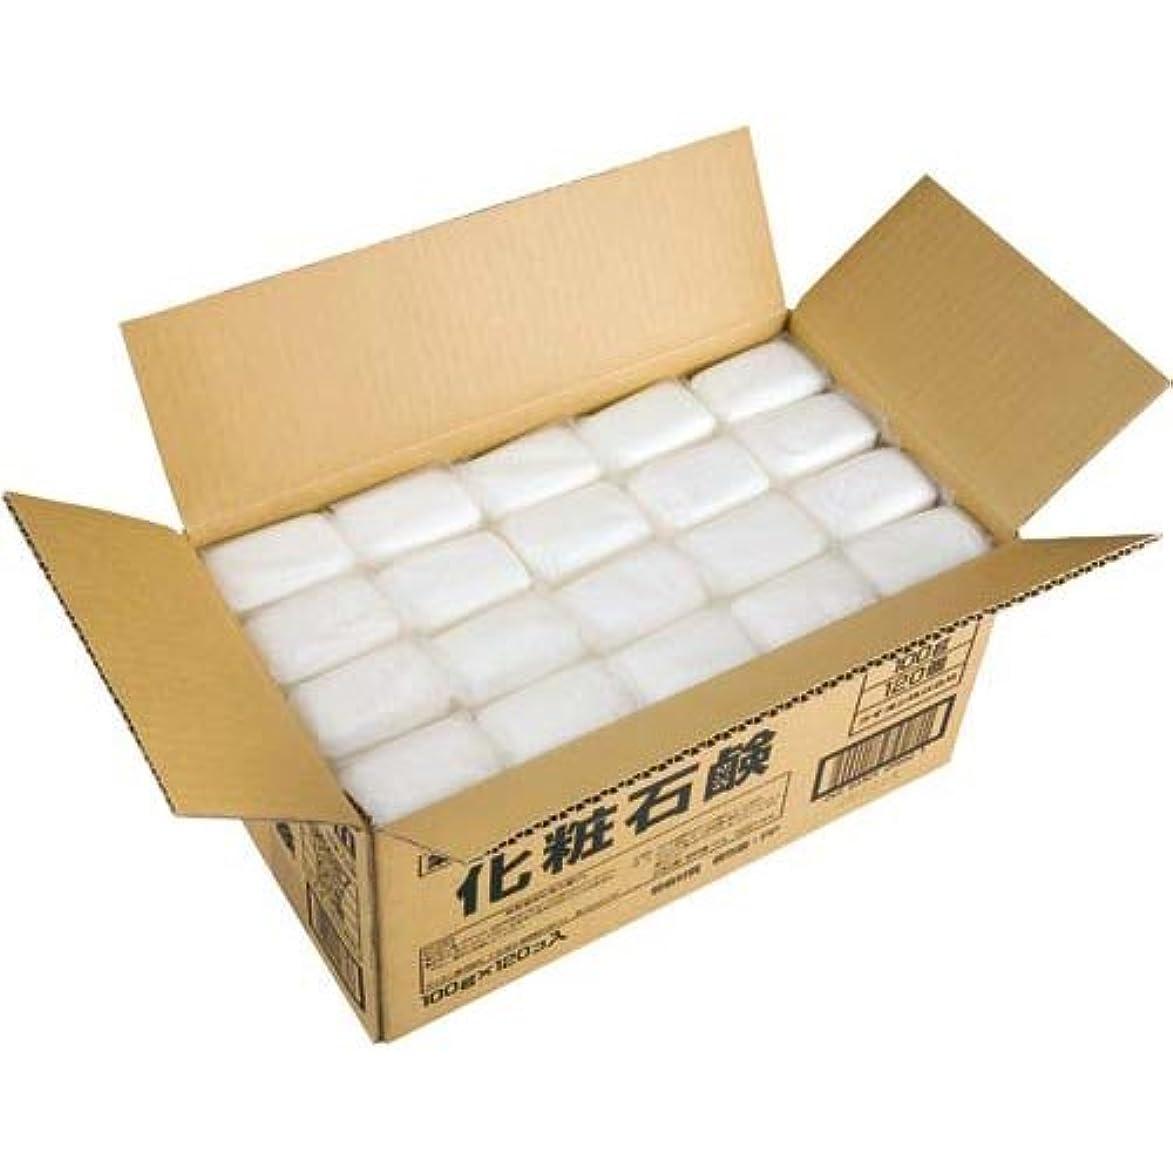 パイプライン生き返らせる飽和するライオン 植物物語 化粧石鹸 (100g×120入)